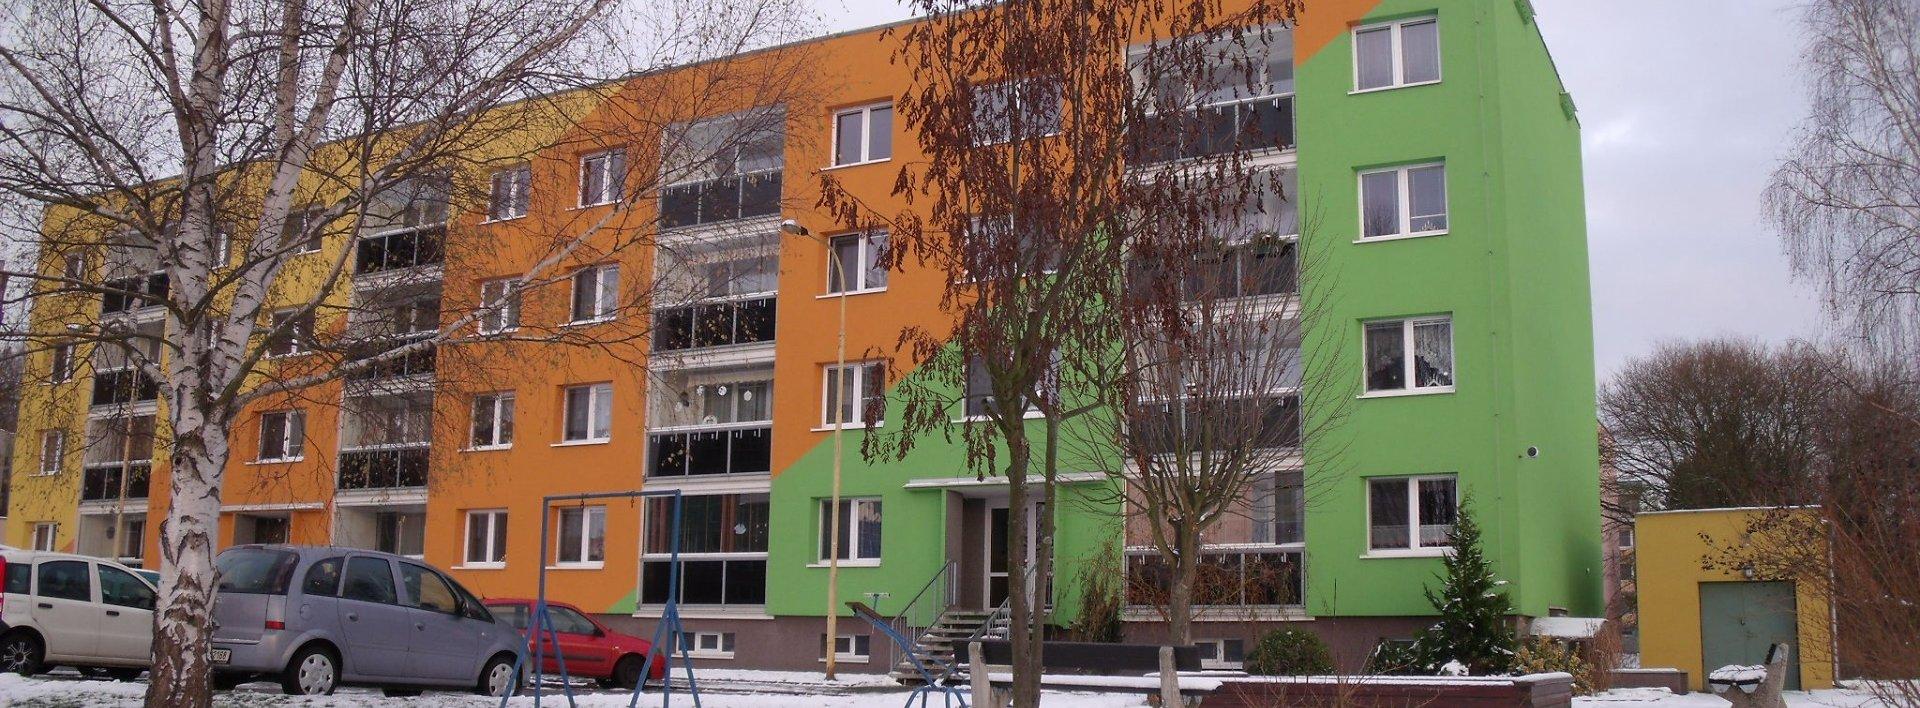 Prodej hezkého prostorného a slunného bytu 4+1/L, ul. Máchova, Stráž p. R., Ev.č.: N48635